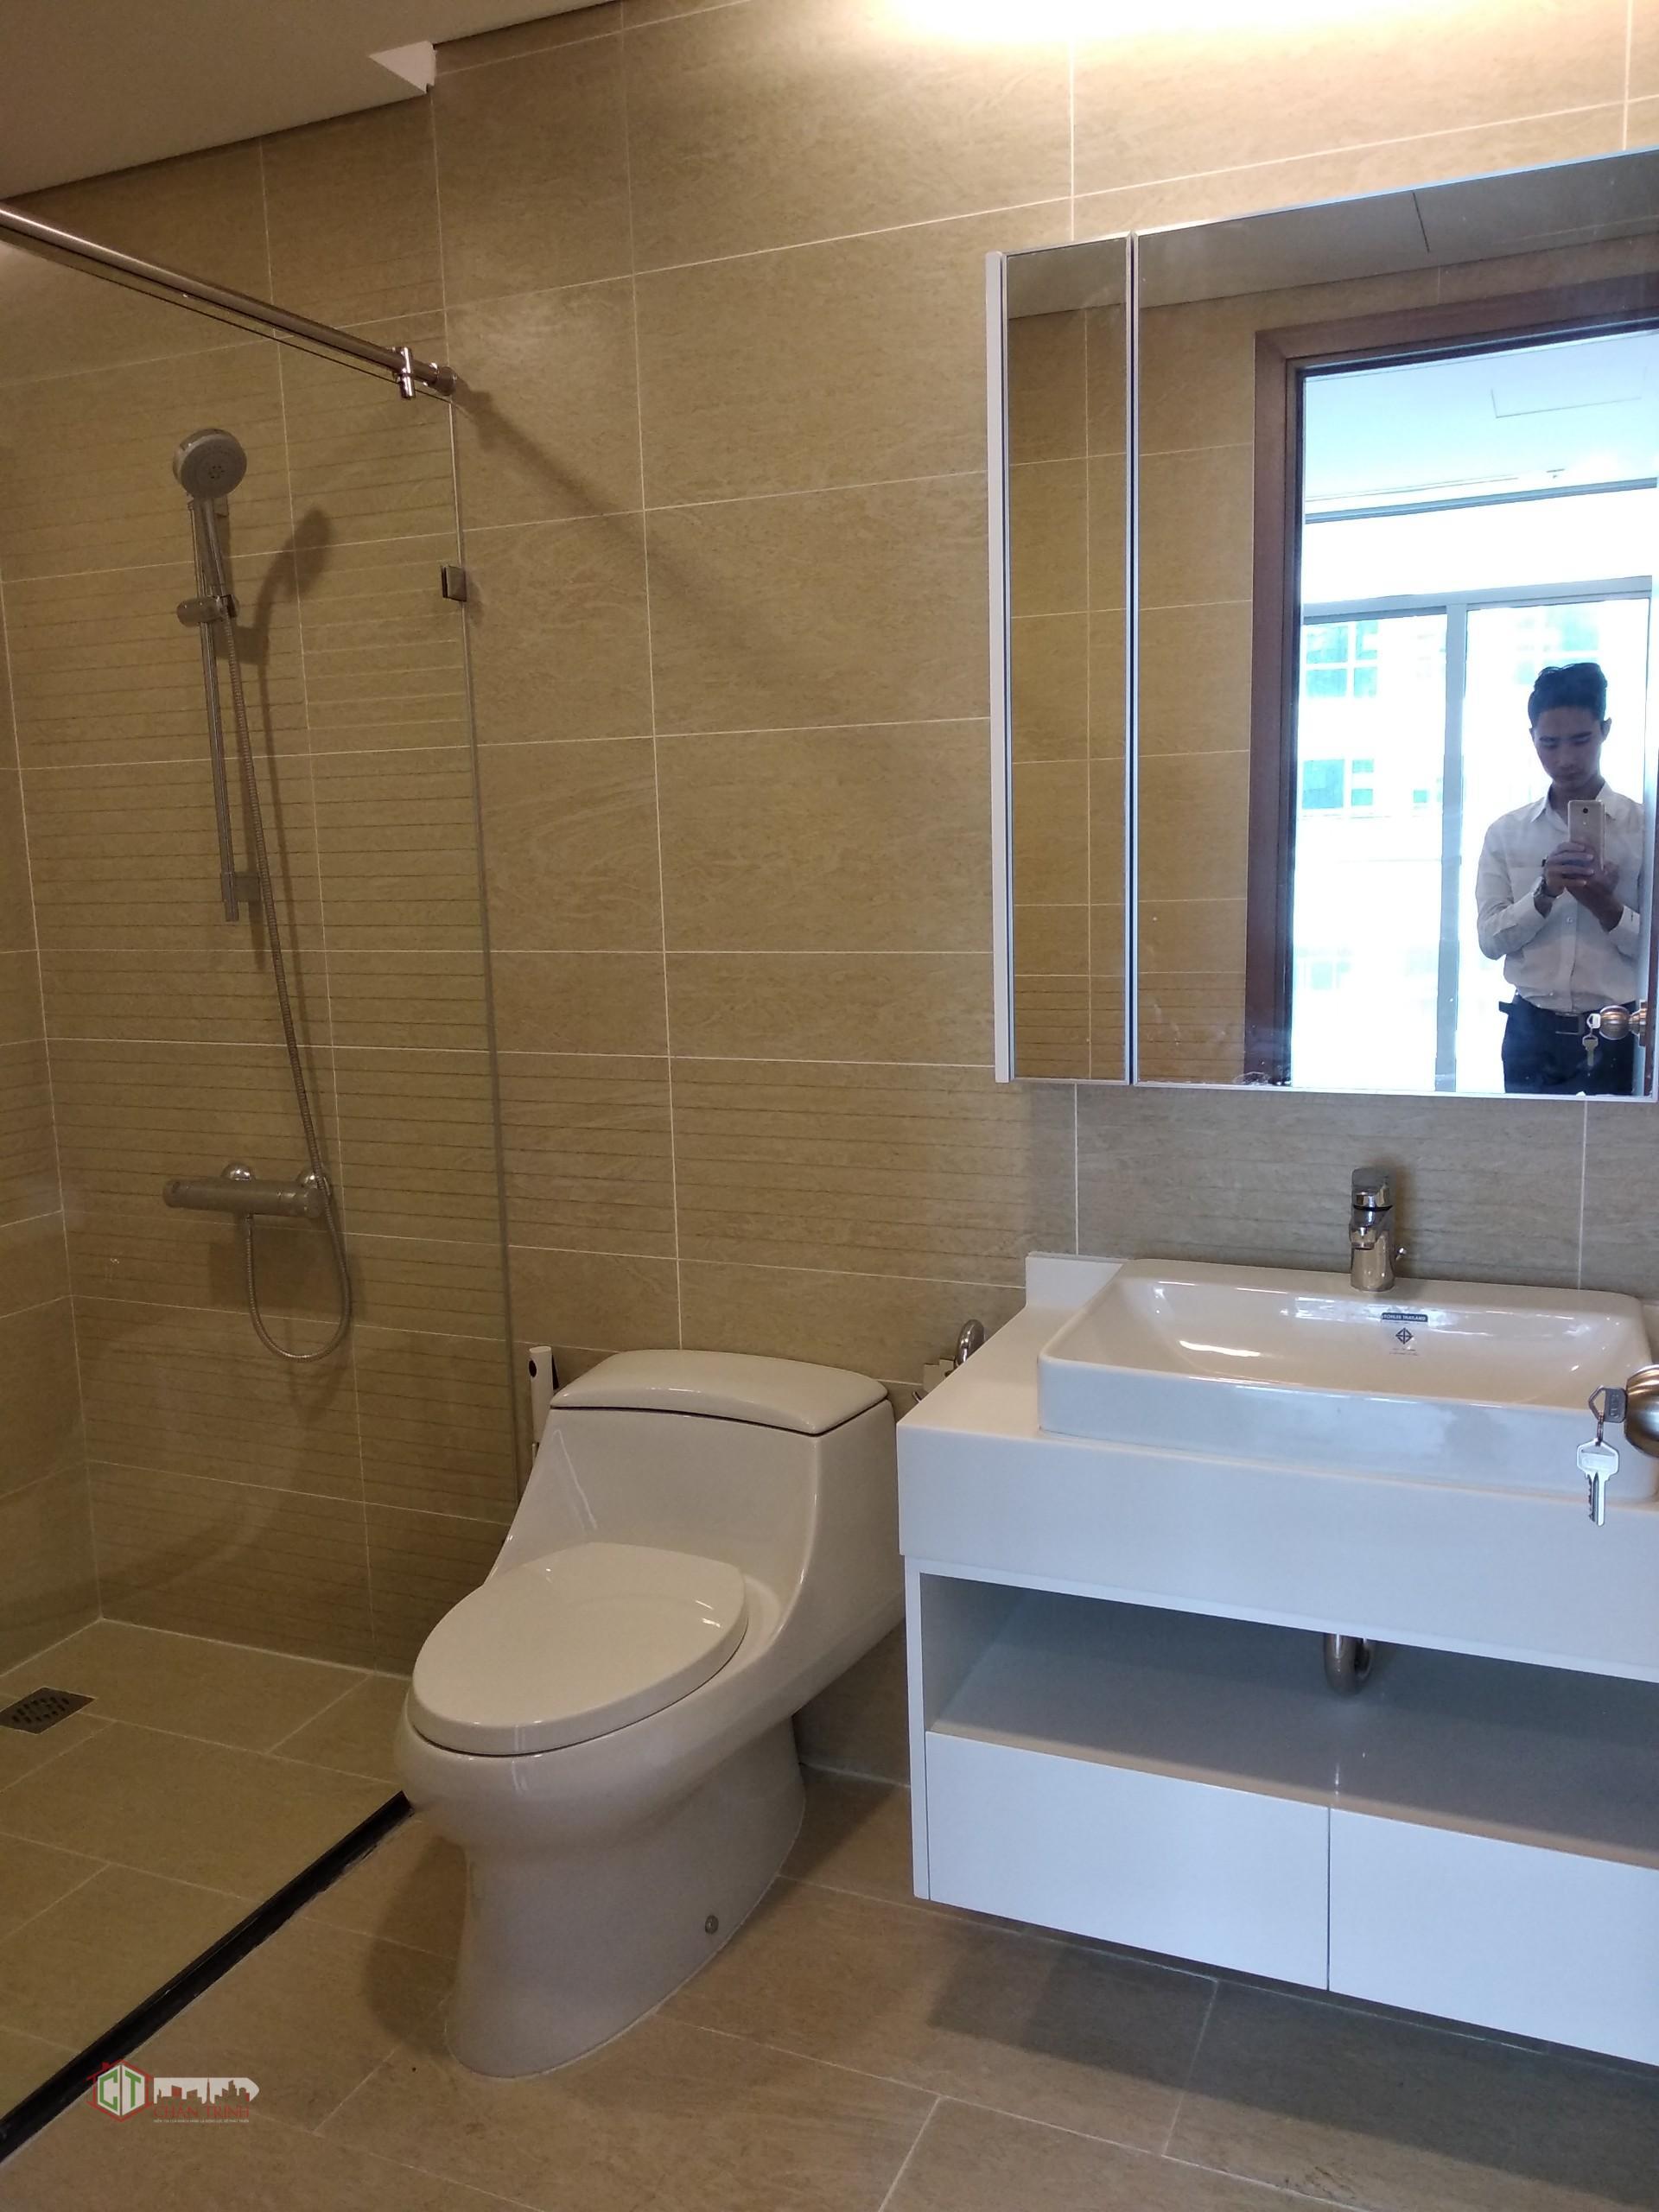 Nhà vệ sinh đầy đủ trang thiết bị, căn hộ có 2 toilet